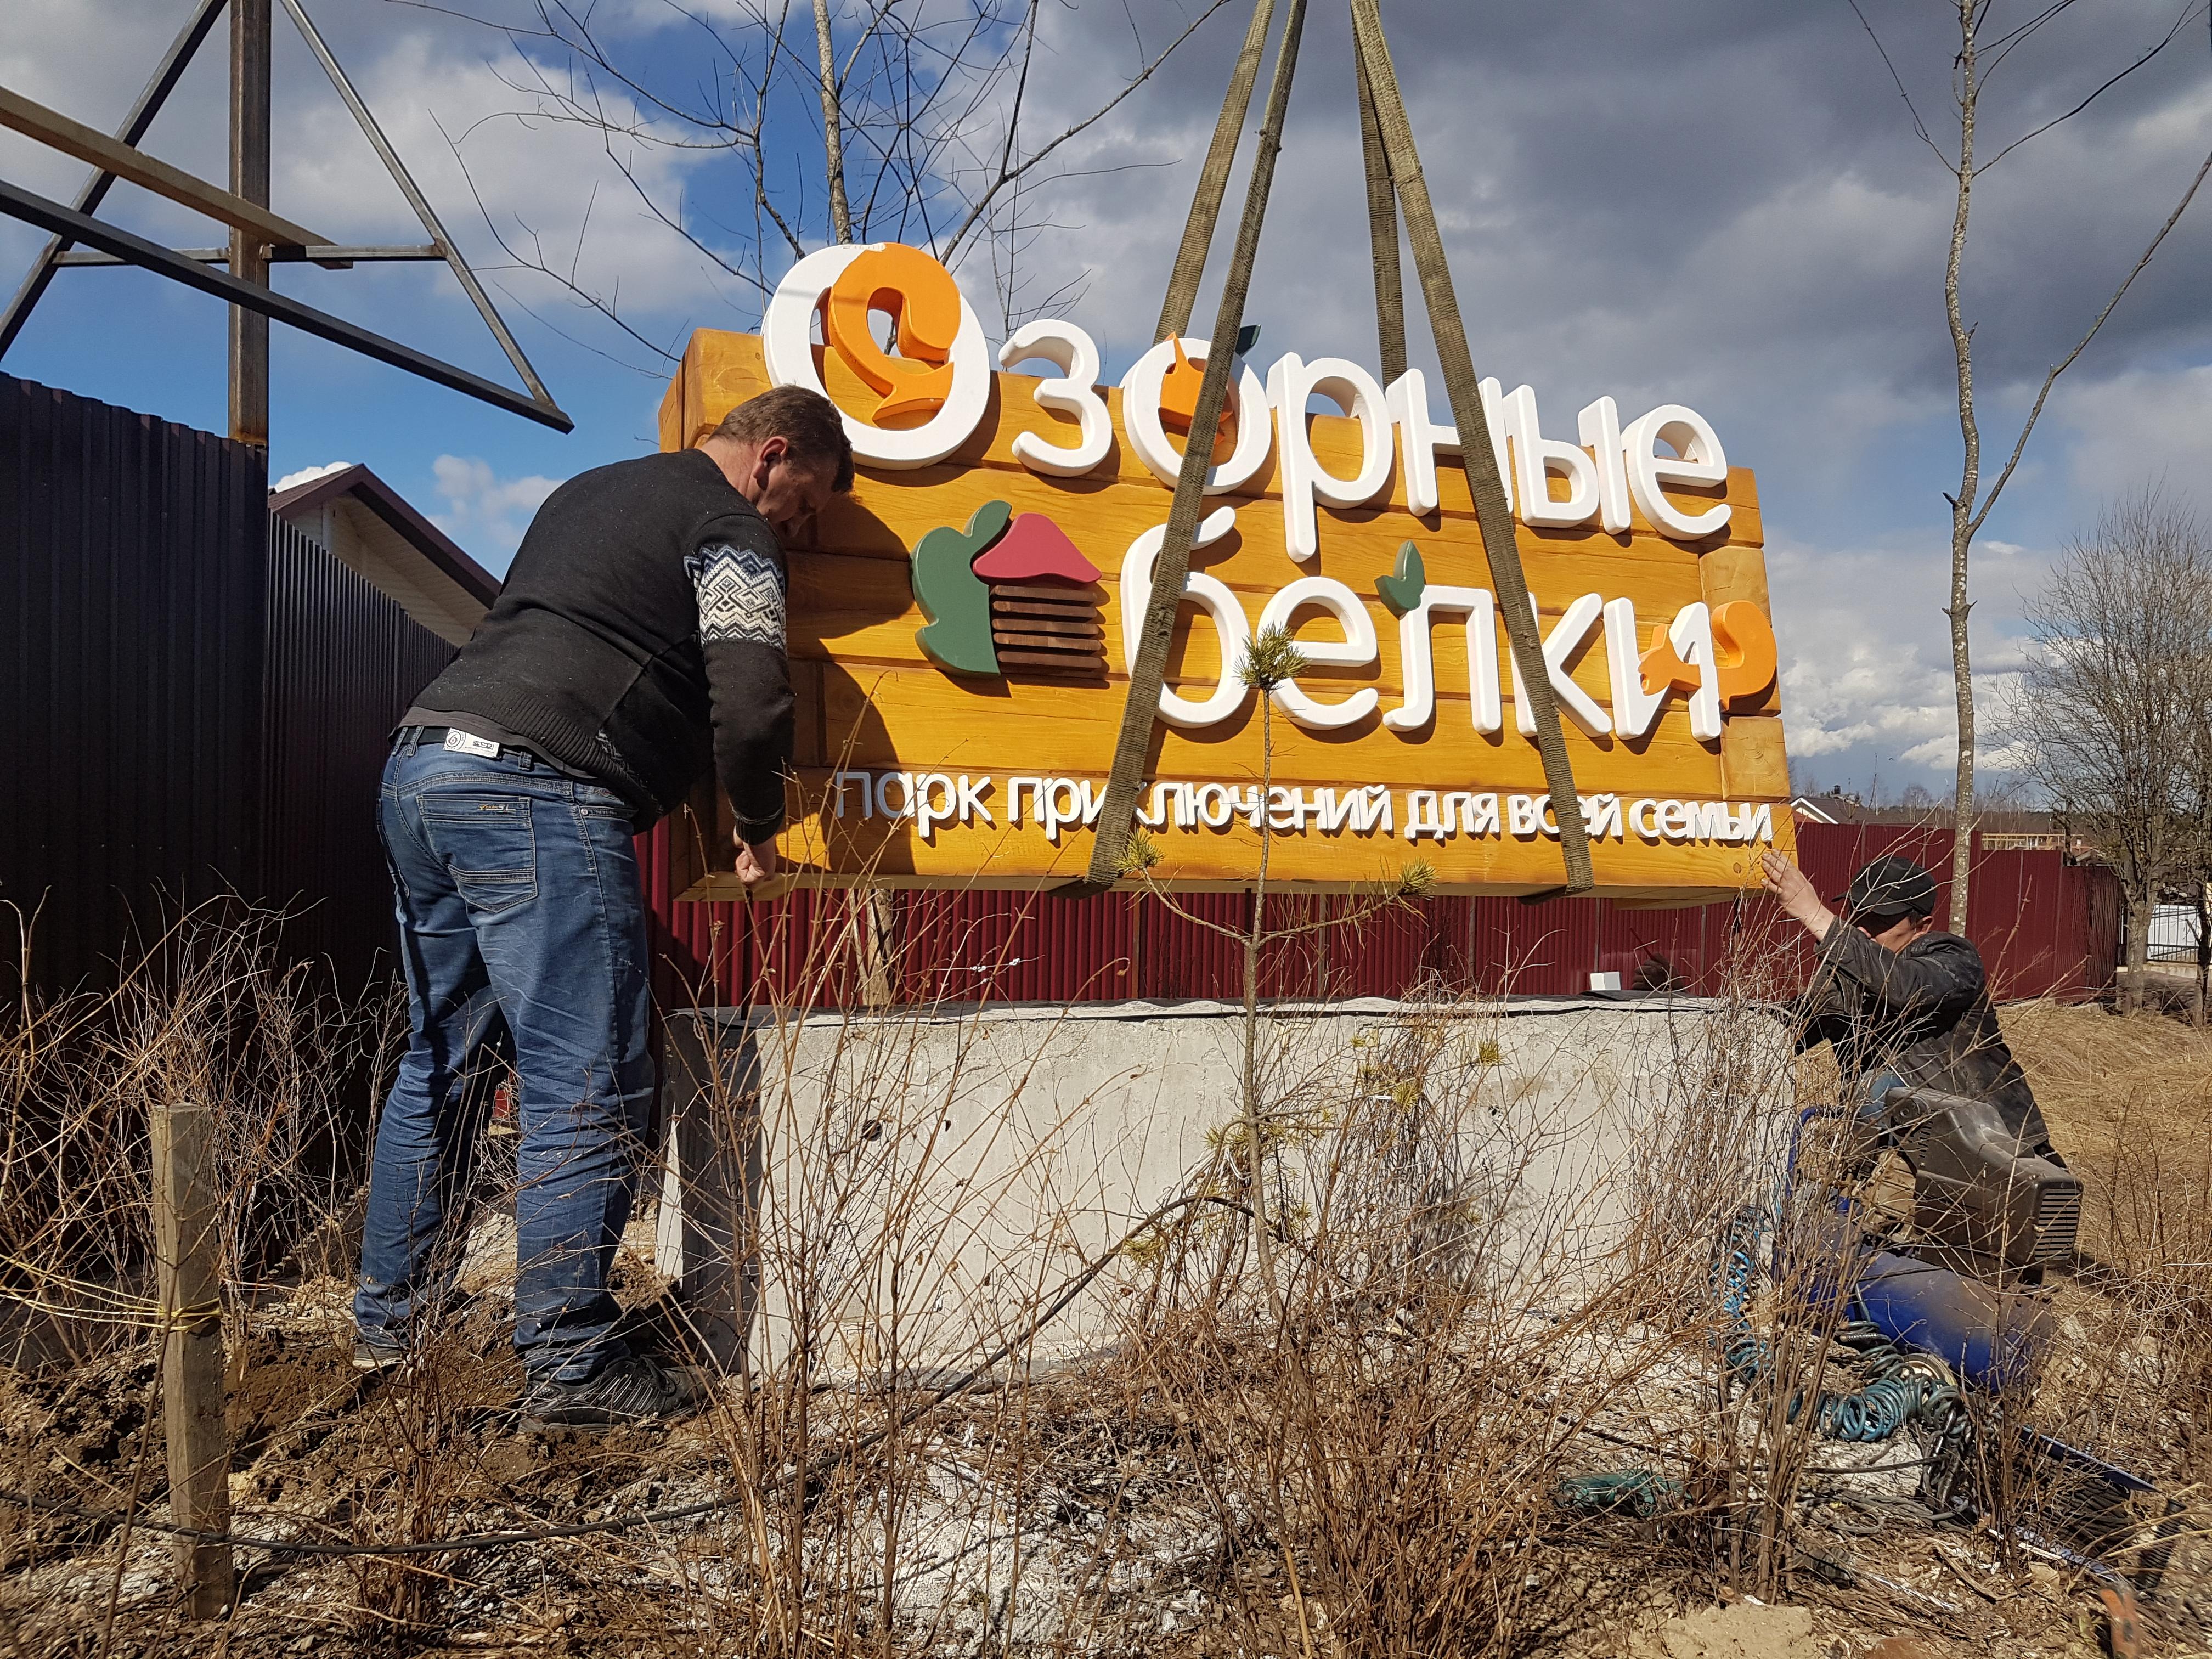 Парк приключений для всей семьи Озорные Белки